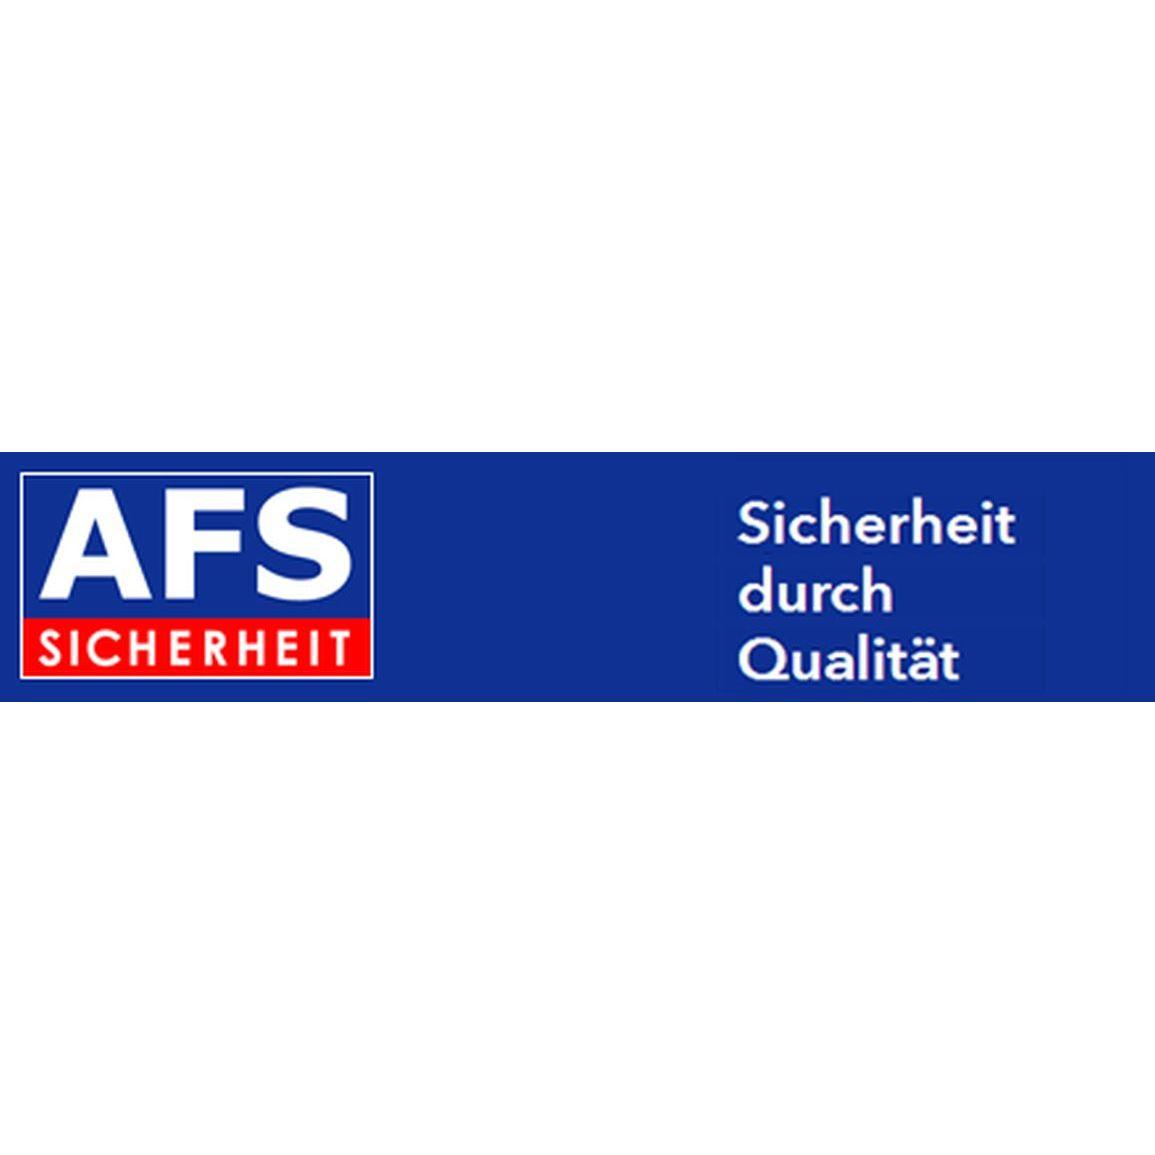 AFS- Agentur für Sicherheitsdienste GmbH